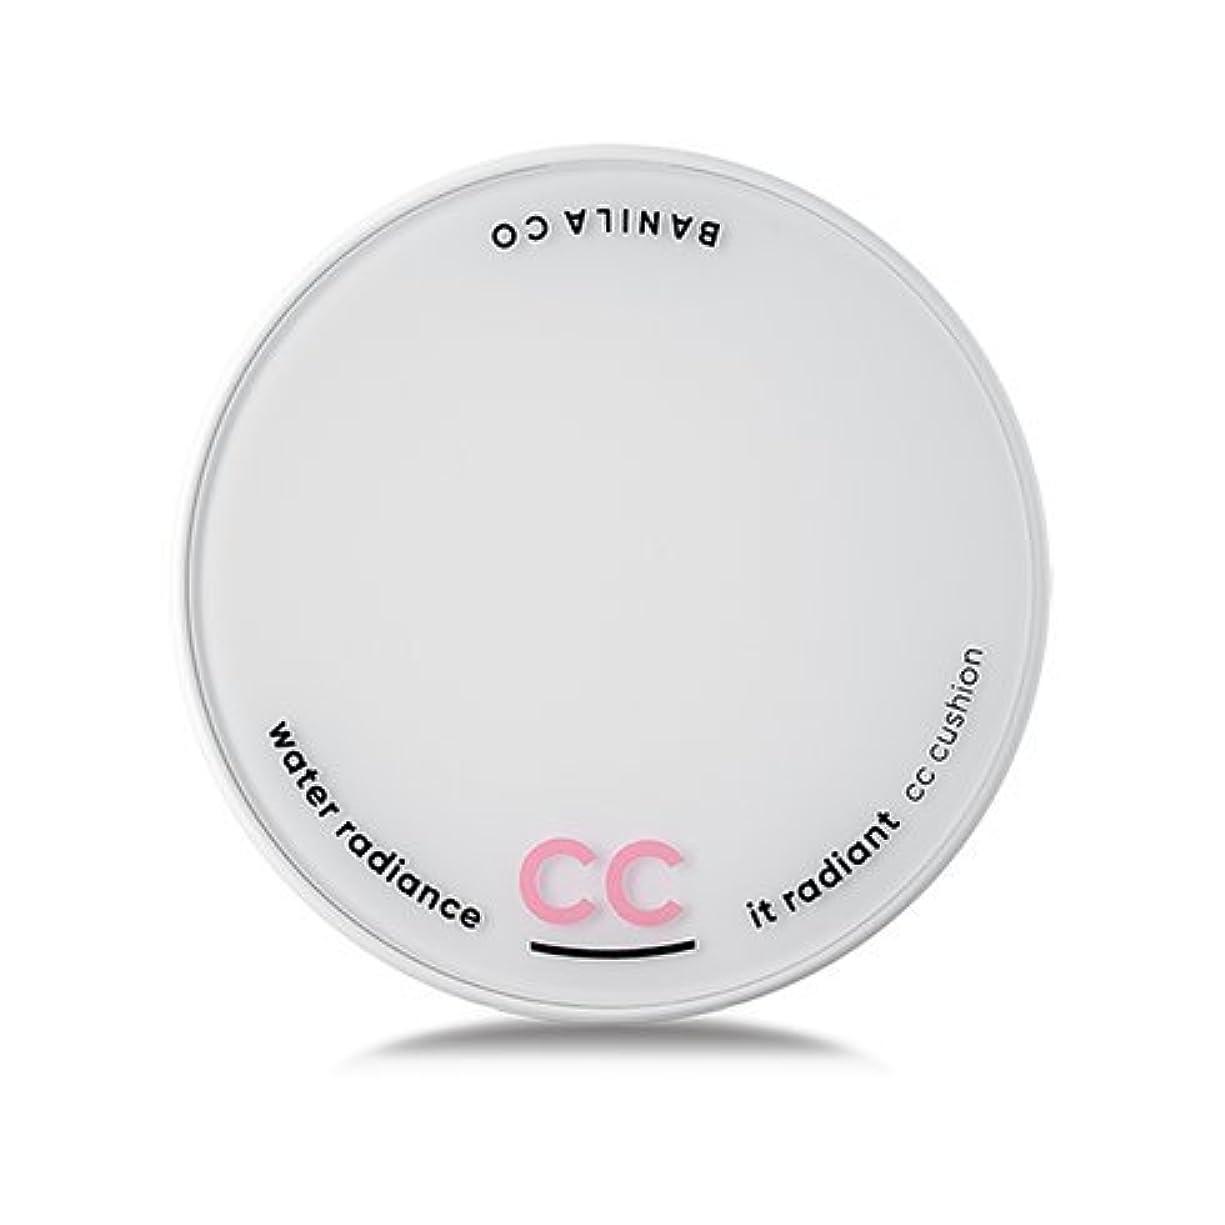 滞在正午不誠実[Renewal] BANILA CO It Radiant CC Cushion 15g + Refill 15g/バニラコ イット ラディアント CC クッション 15g + リフィル 15g (#Light Beige...